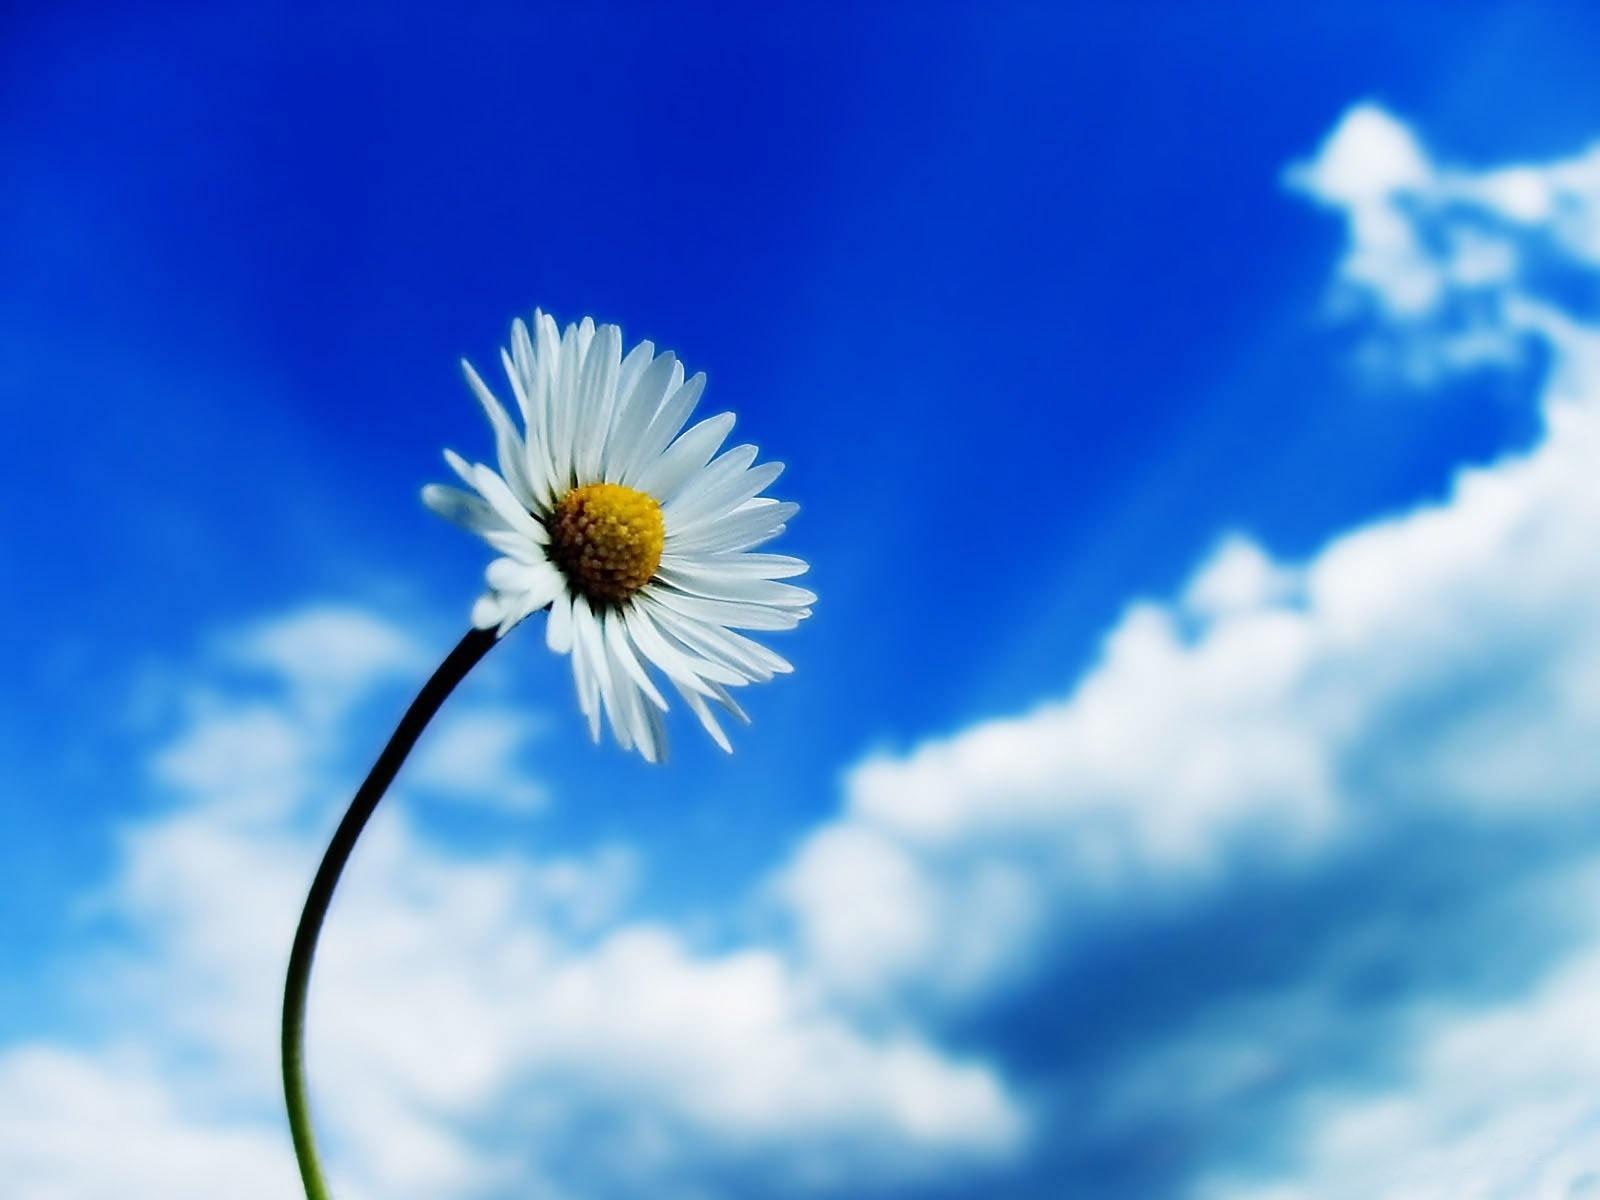 6668 скачать обои Растения, Цветы, Небо, Ромашки - заставки и картинки бесплатно